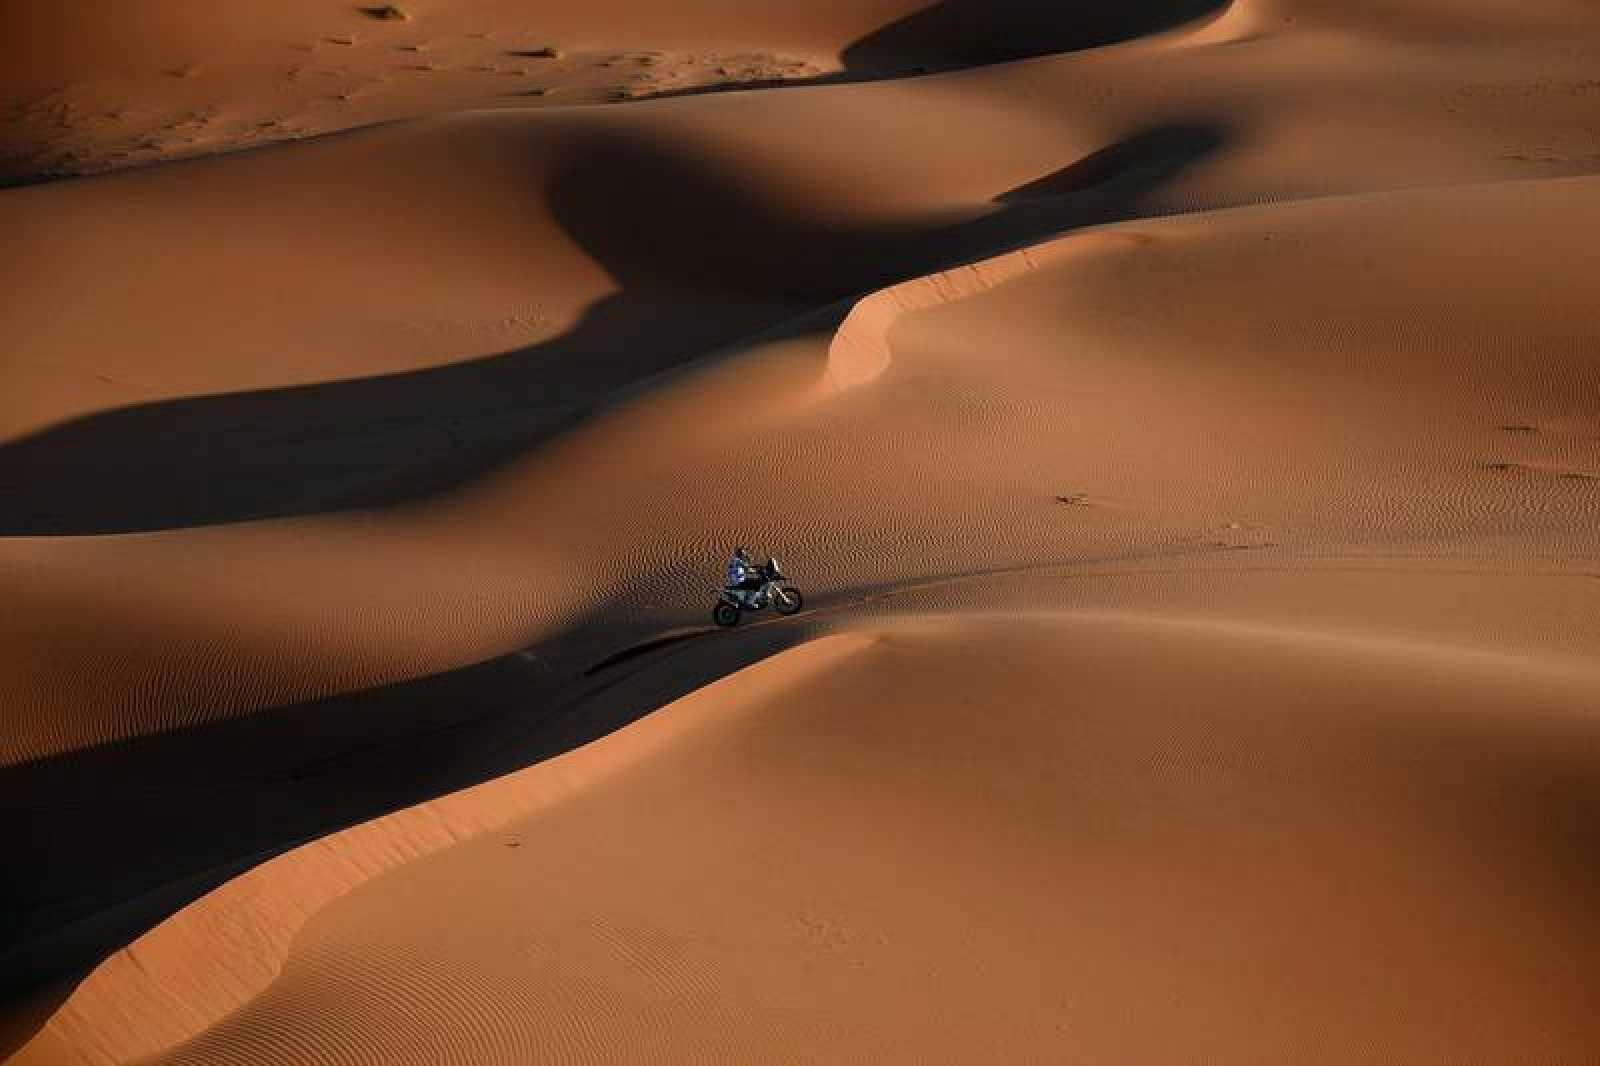 Vista aérea del motociclista Quintanilla, durante una etapa del Dakar 2020 en pleno desierto